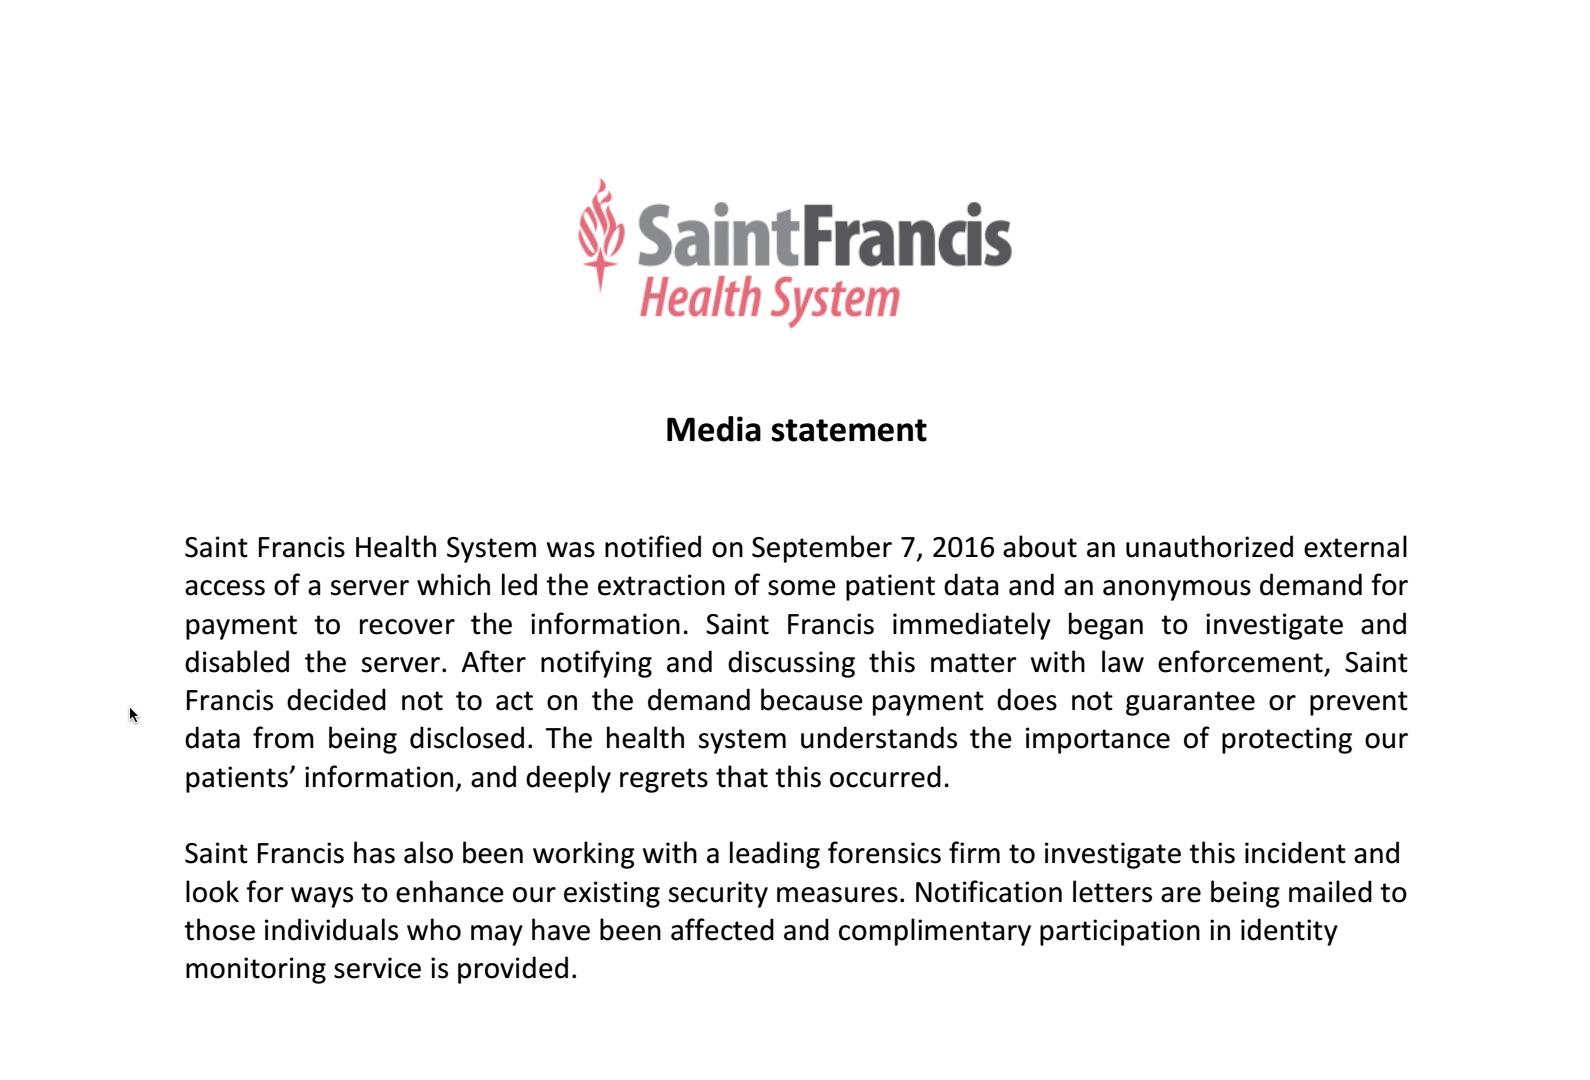 sfhs_statement